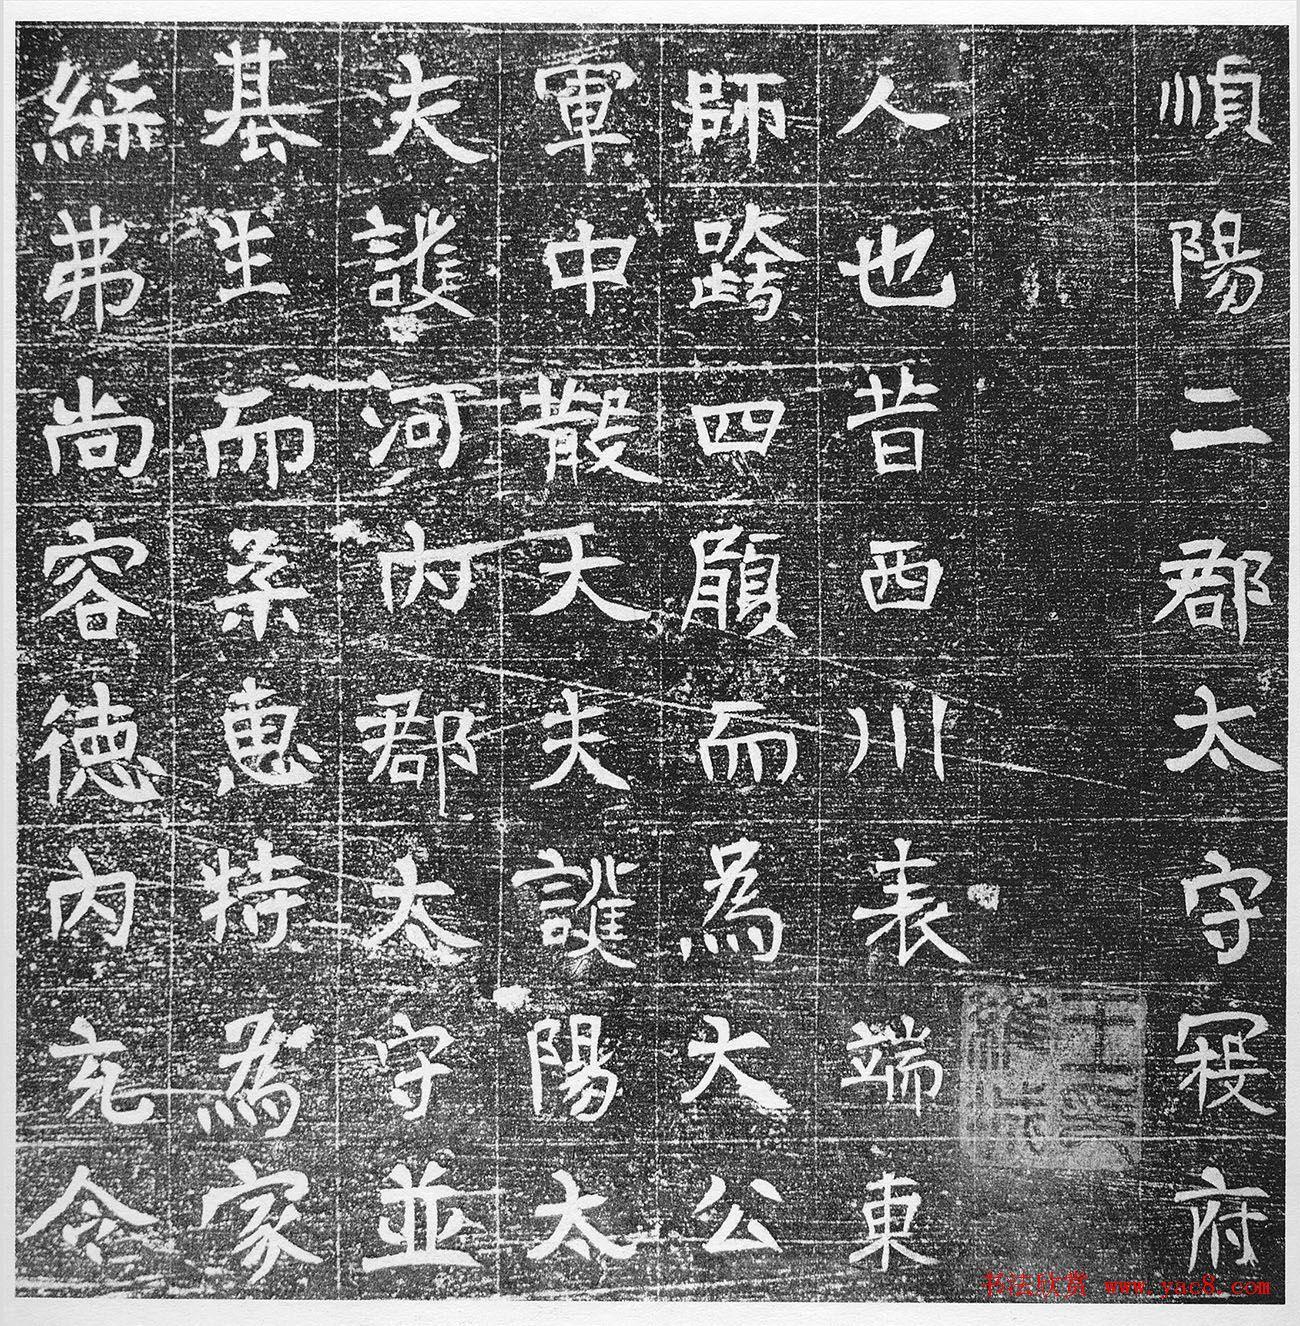 隋代寇仕璋撰并正书《姜敬亲墓志》